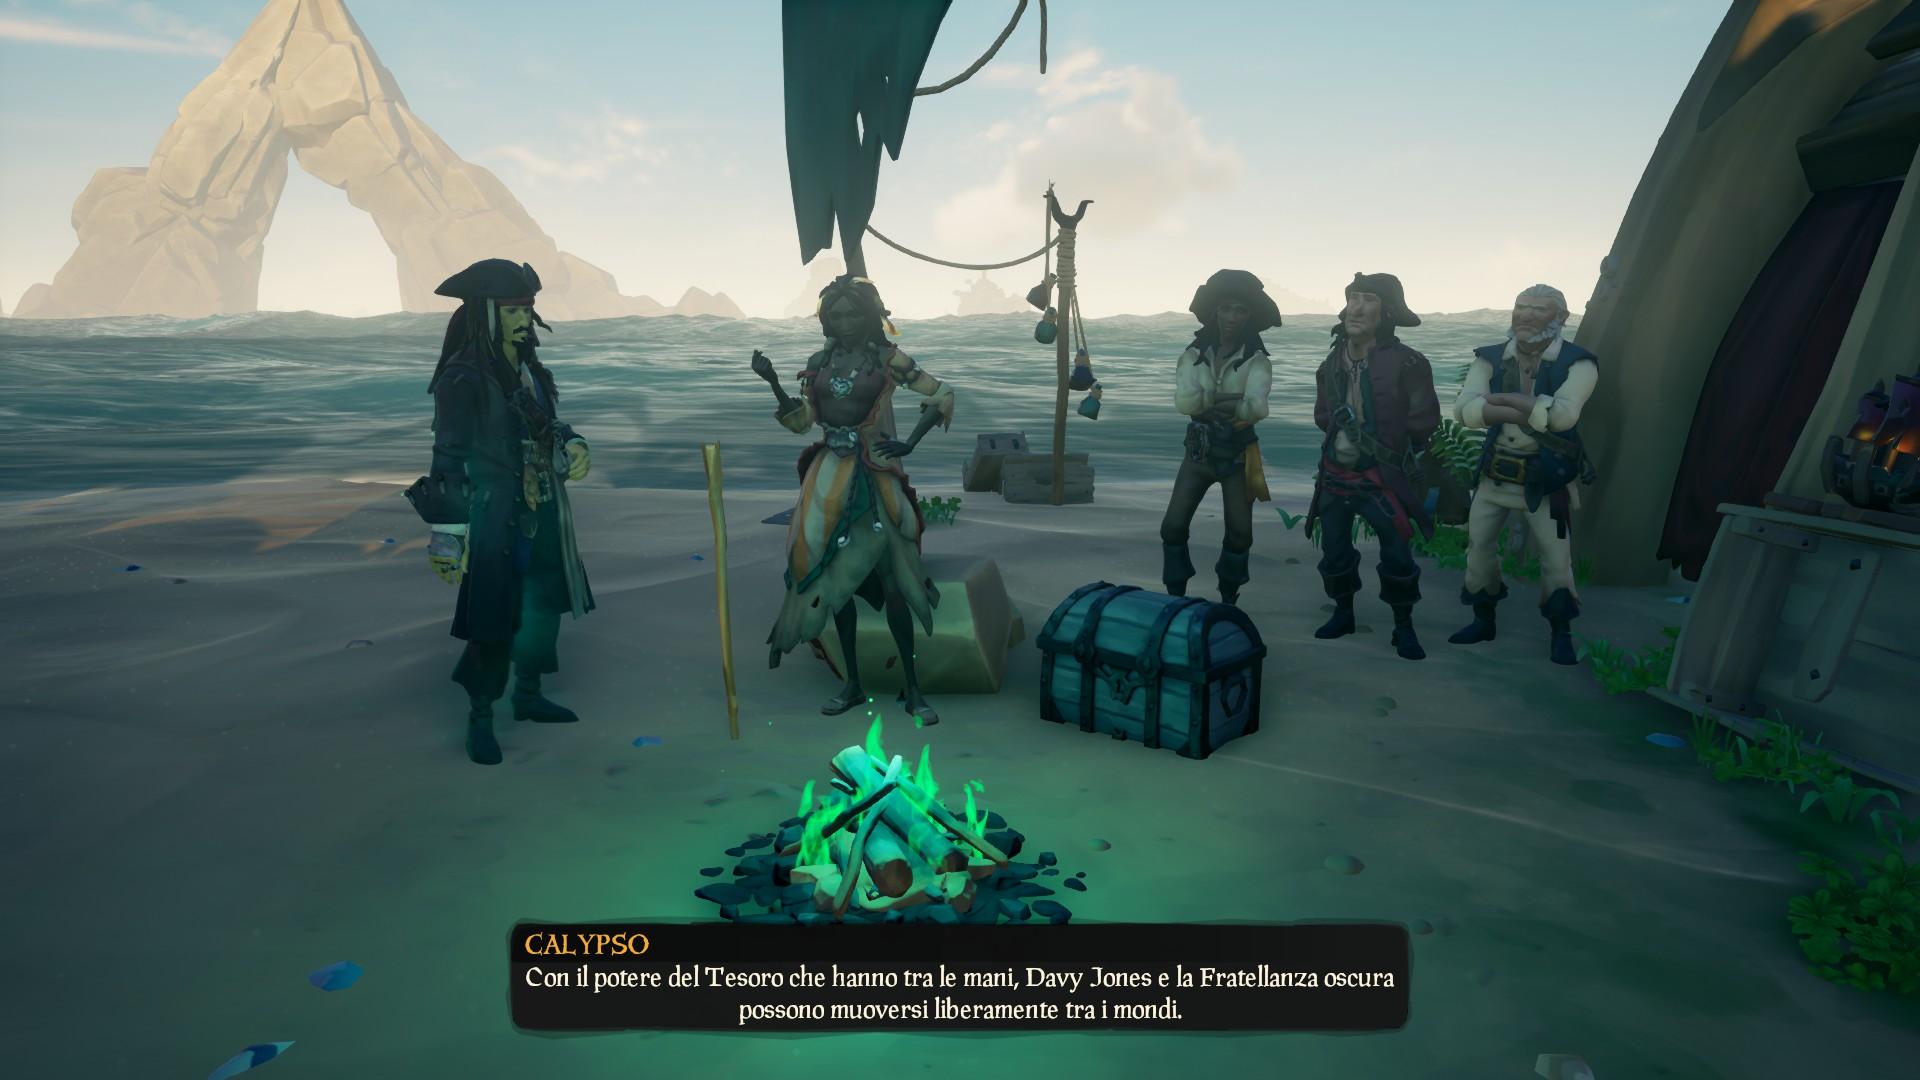 Signori del Mare, il briefing a inizio missione